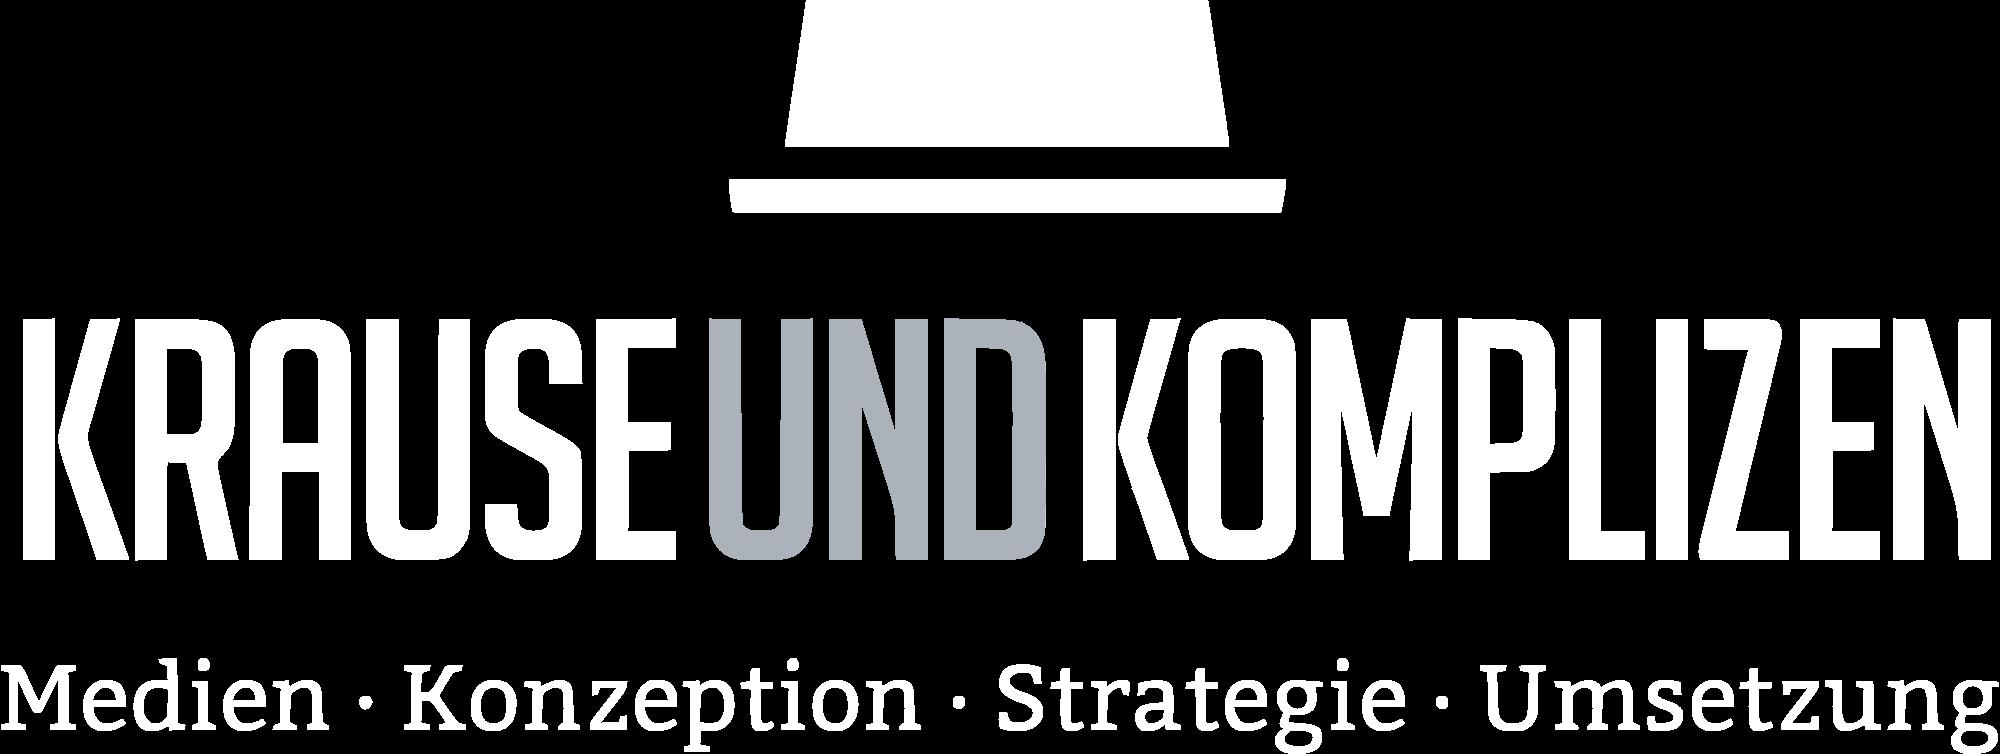 krauseundkomplizen.de